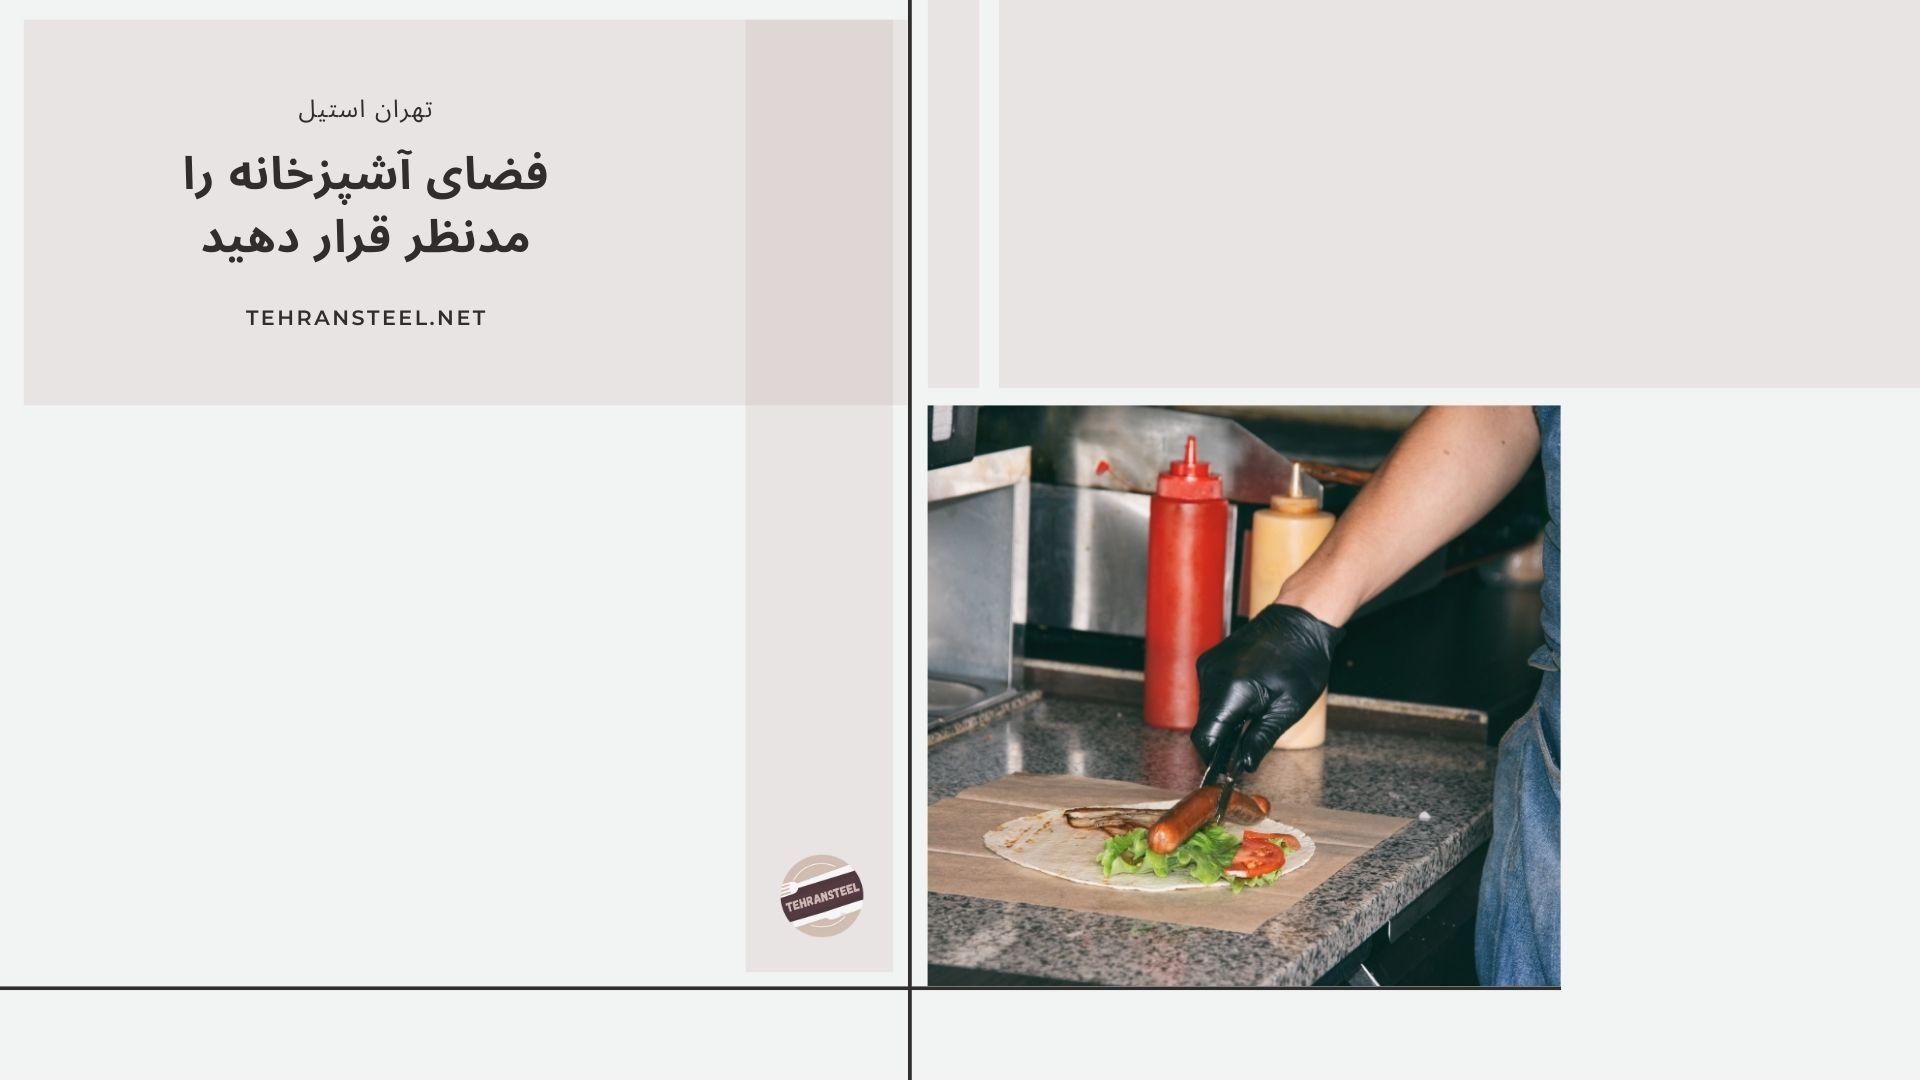 فضای آشپزخانه را مدنظر قرار دهید: